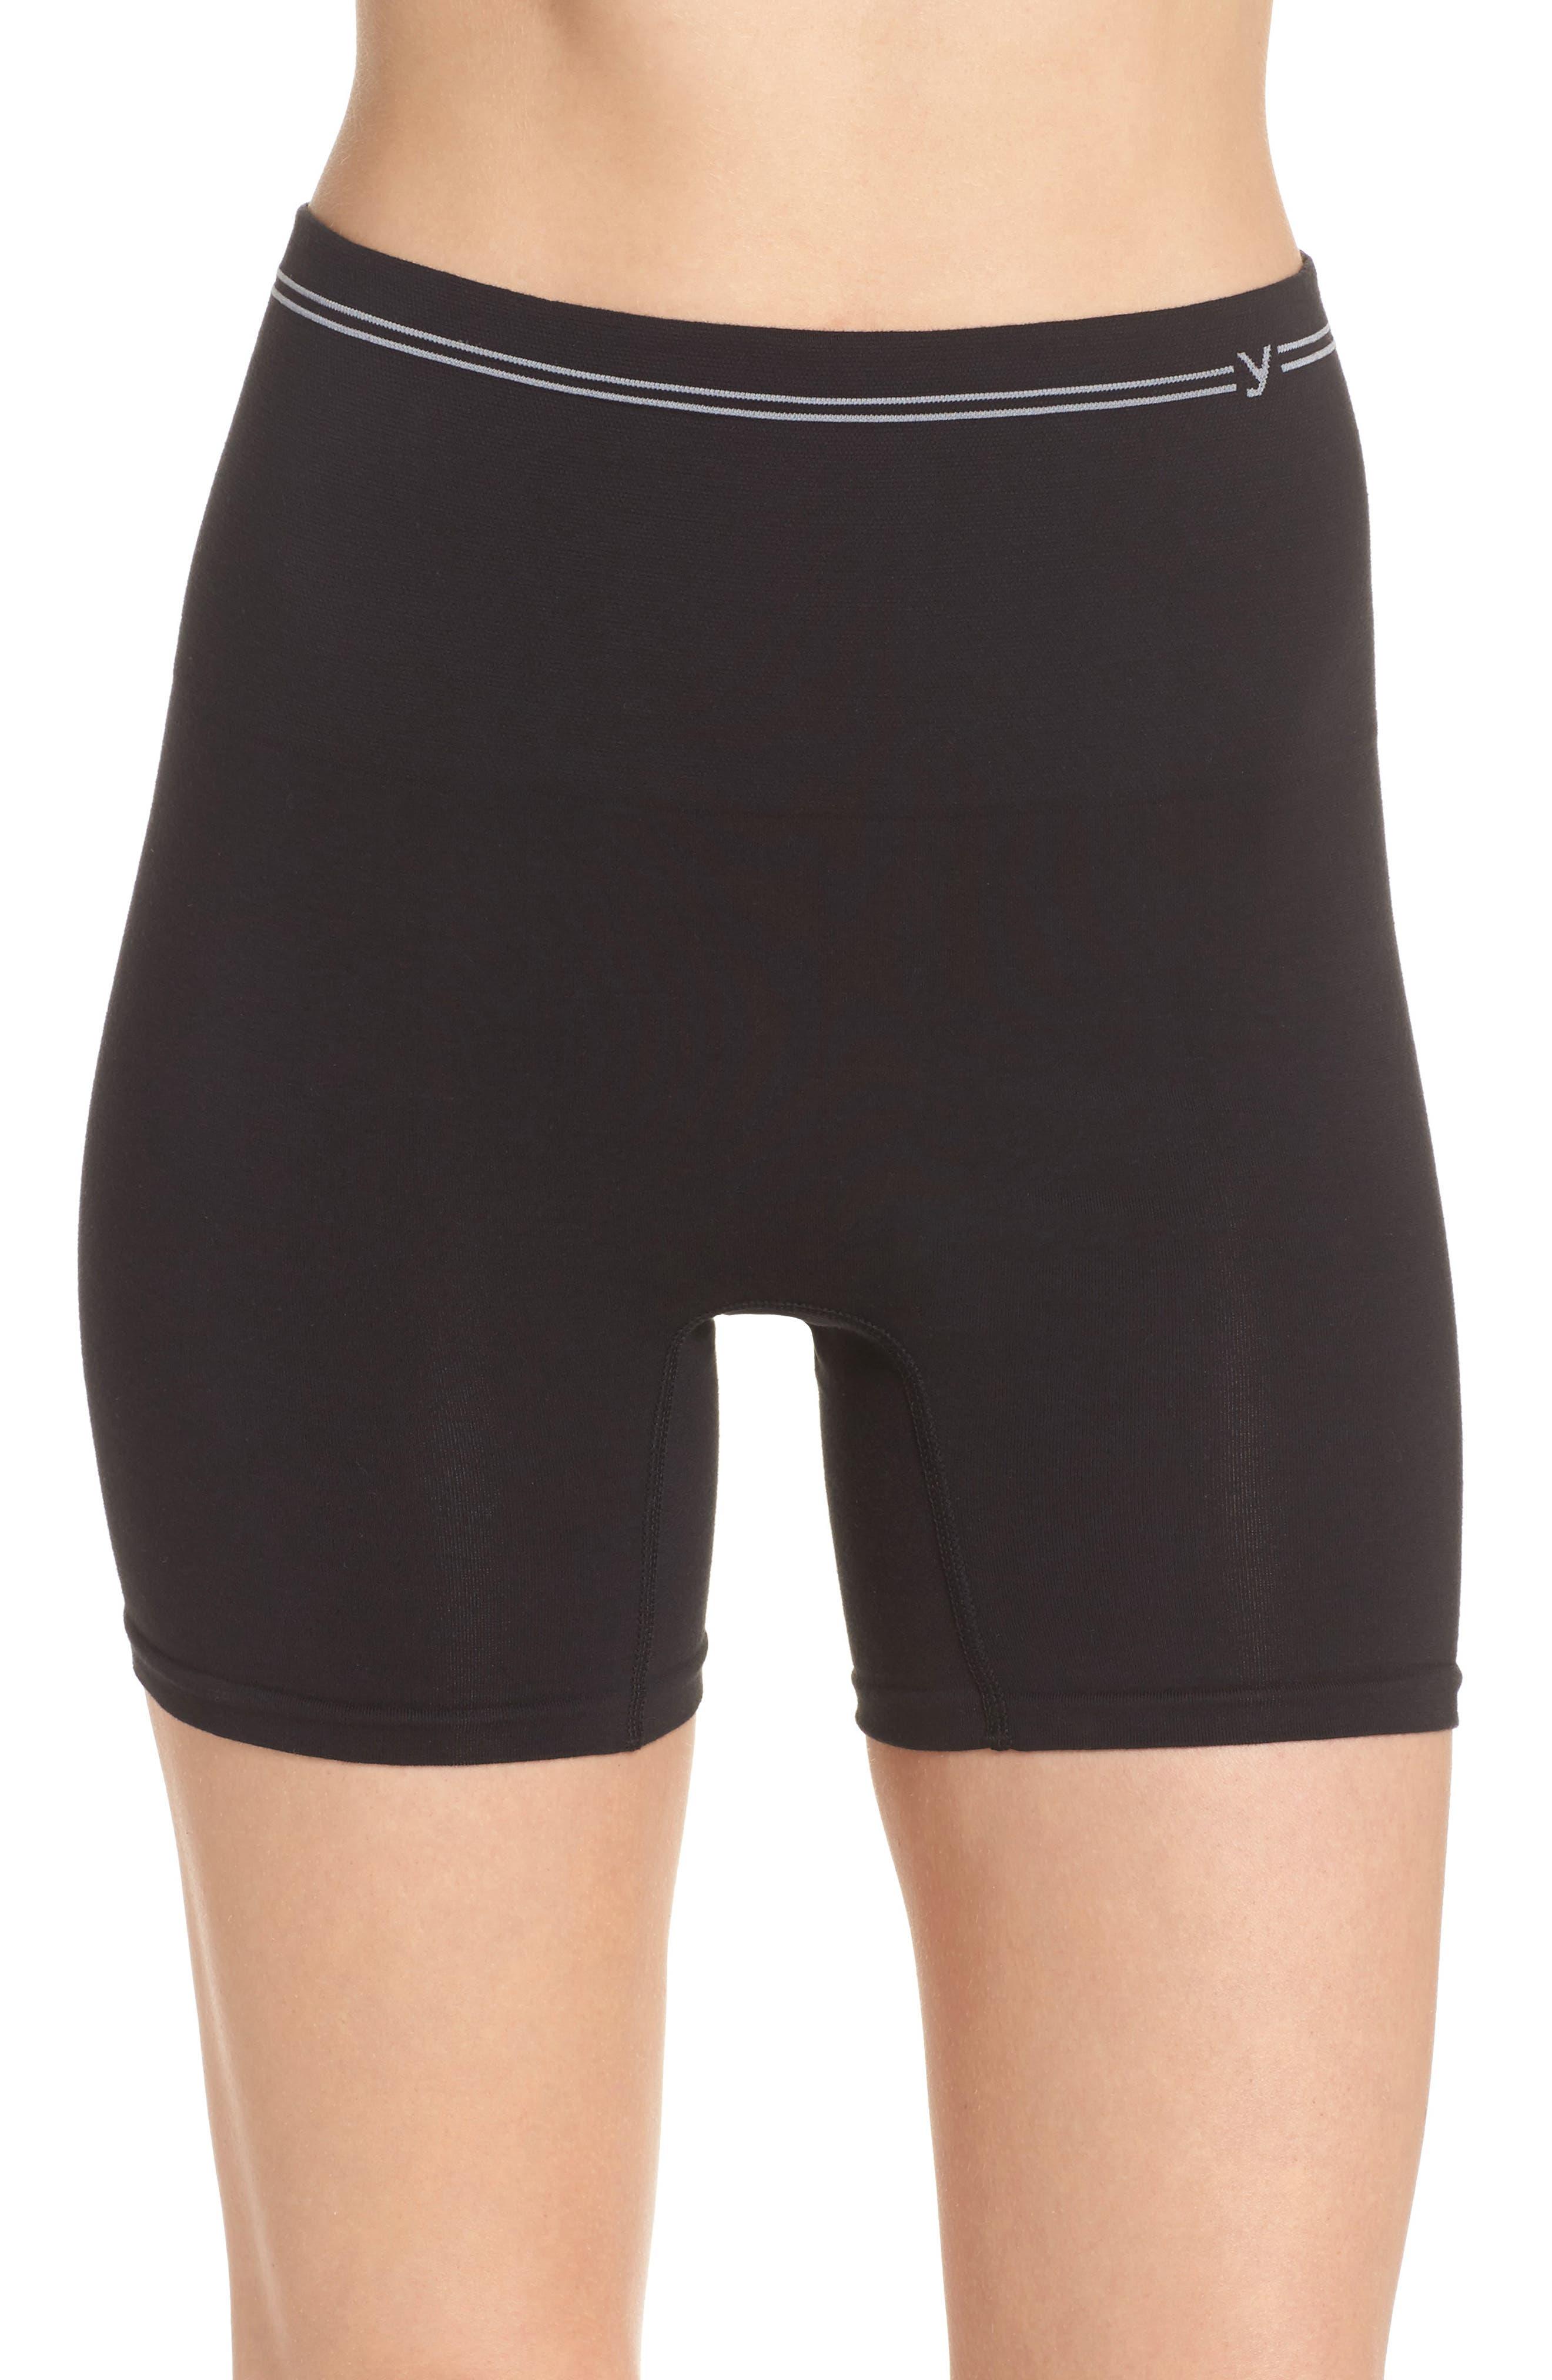 Seamless Shaping Shorts,                             Main thumbnail 1, color,                             001